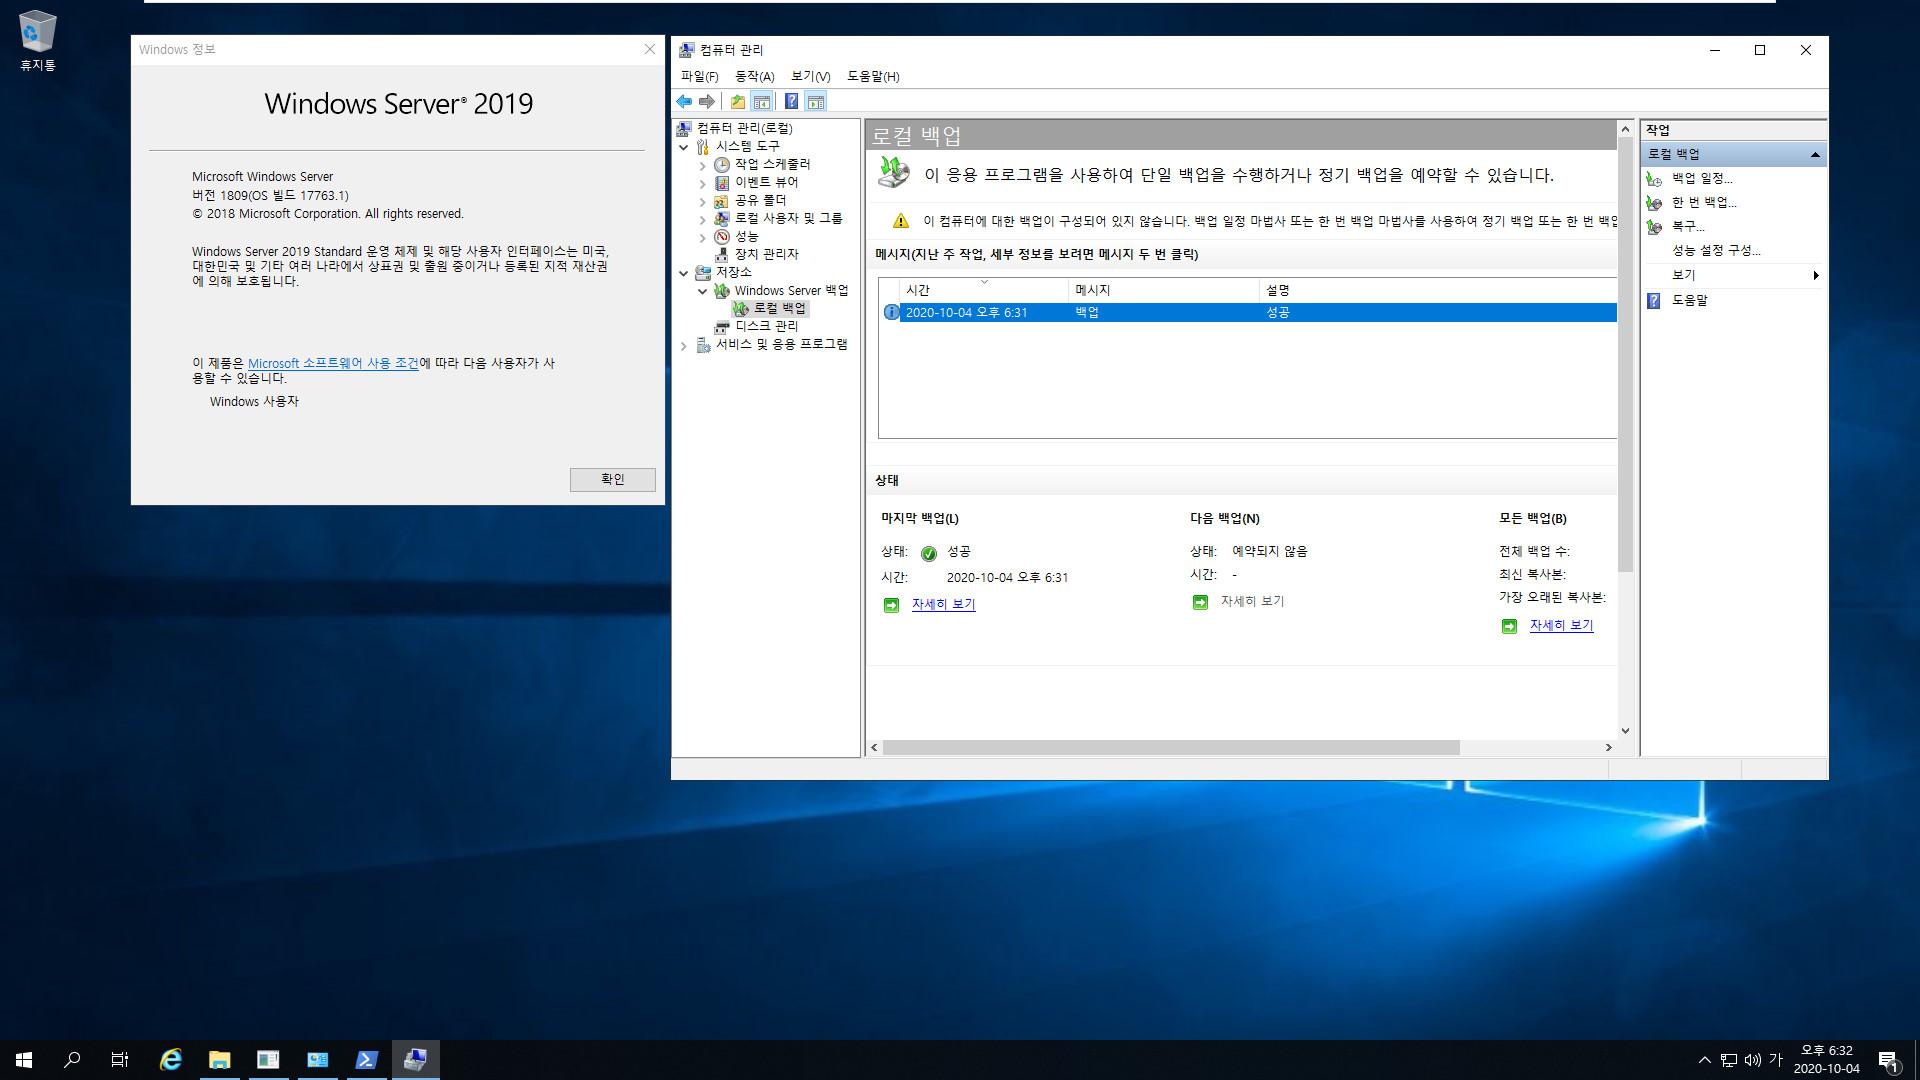 윈도우 서버군은 윈도우 사용중에도 자체 WBadmin 명령으로 윈도우 복구를 합니다 - Windows Server 2019로 복구 테스트 2020-10-04_183239.jpg